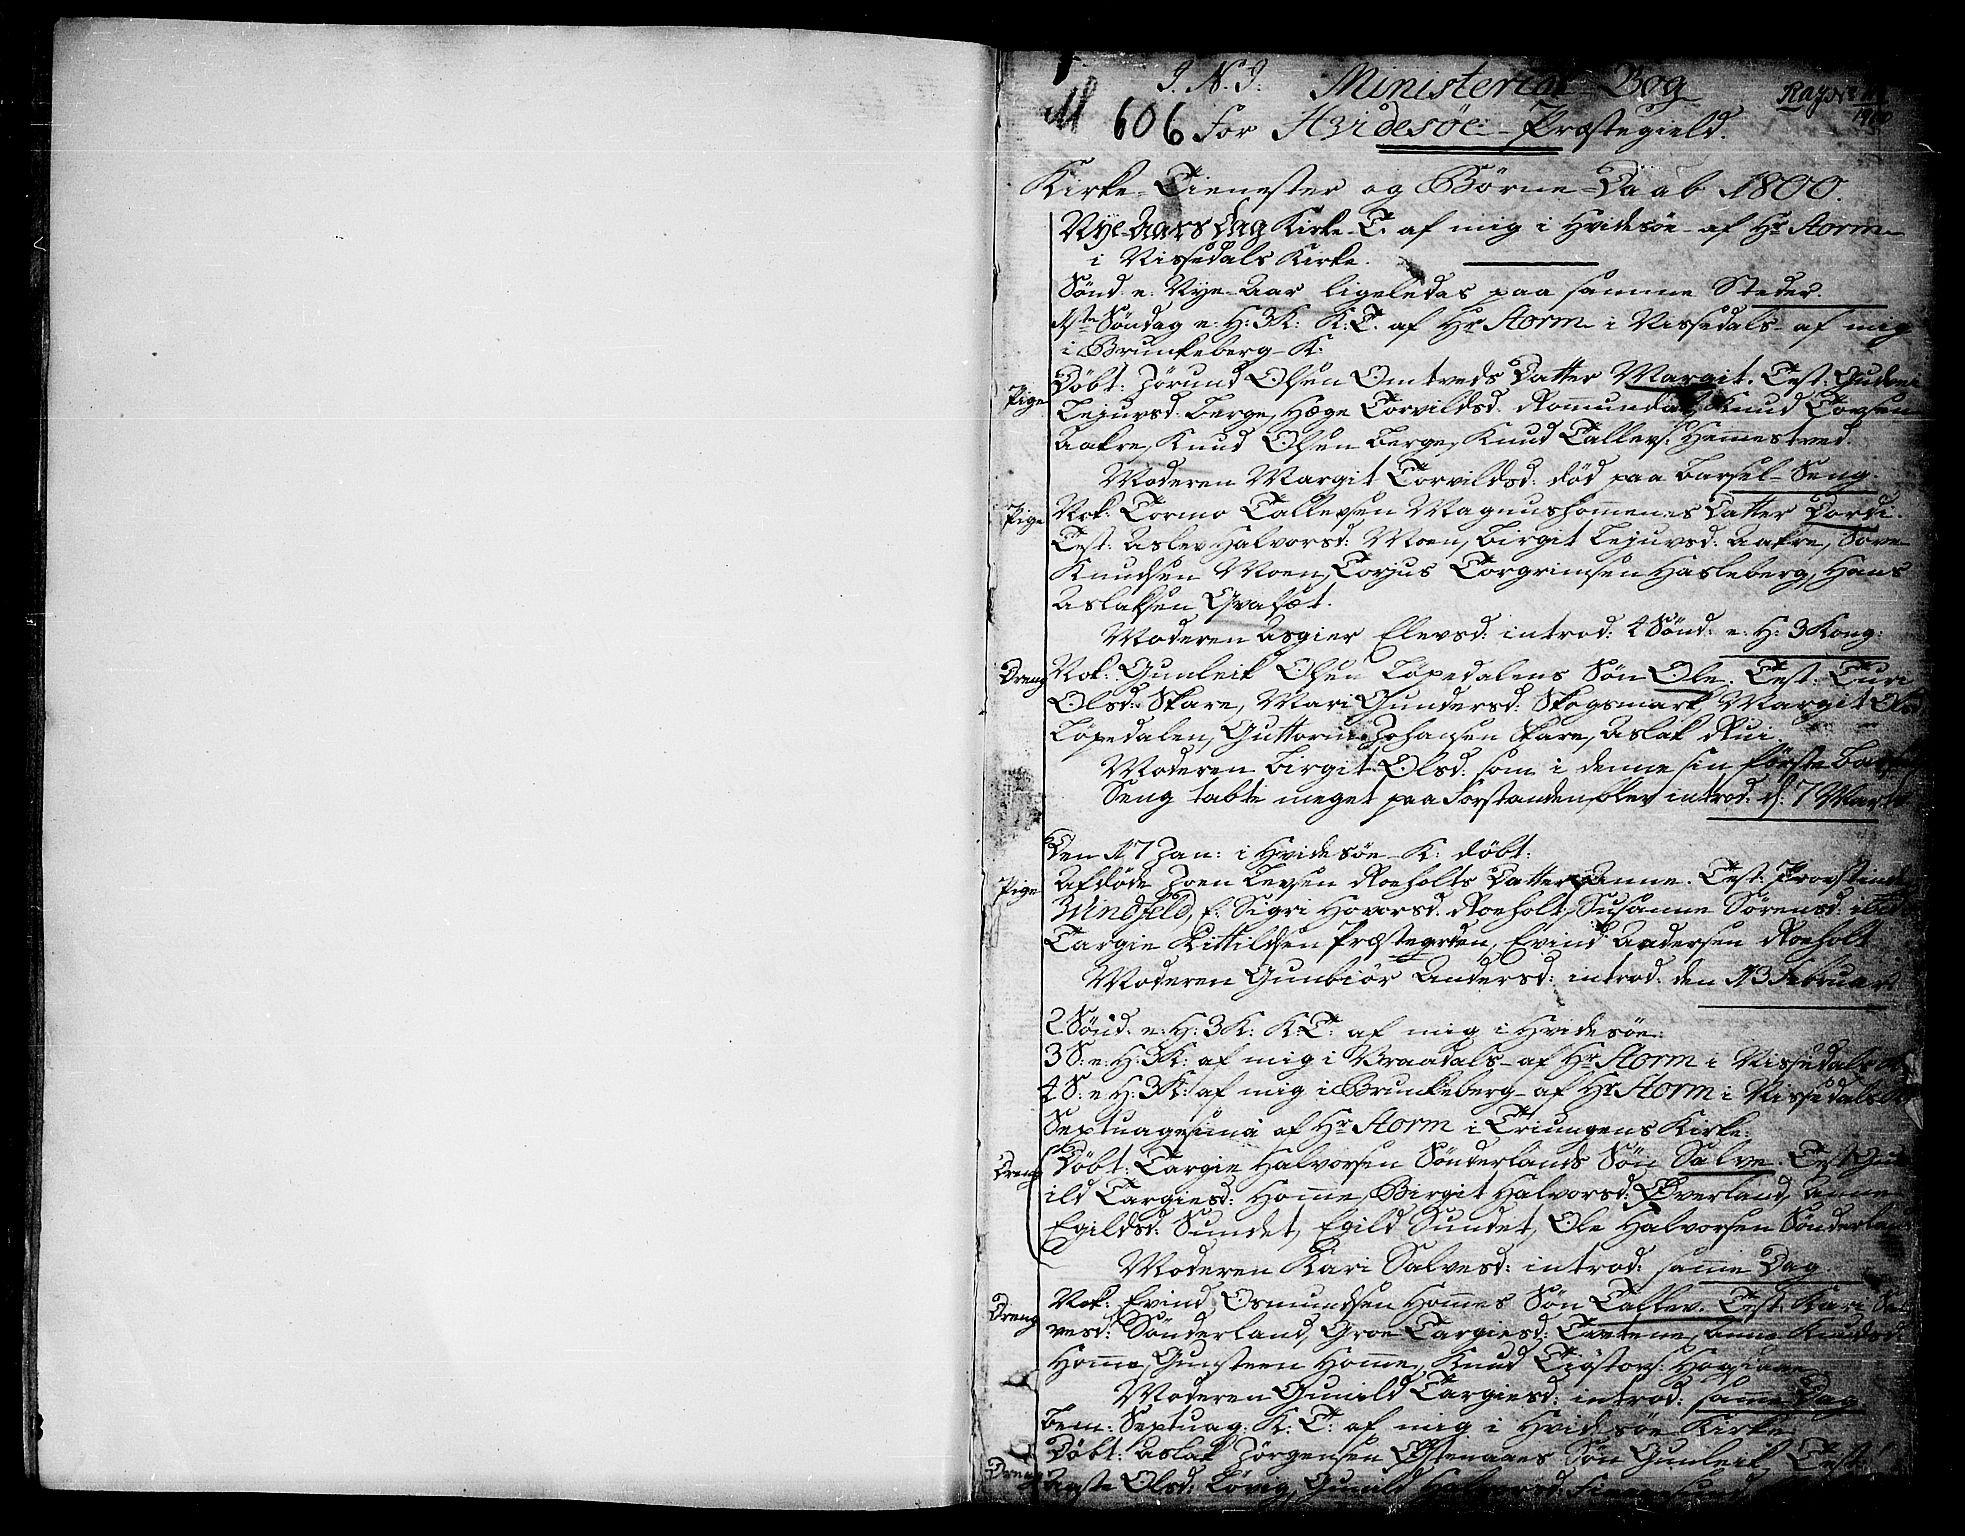 SAKO, Kviteseid kirkebøker, F/Fa/L0004: Ministerialbok nr. I 4, 1800-1814, s. 1